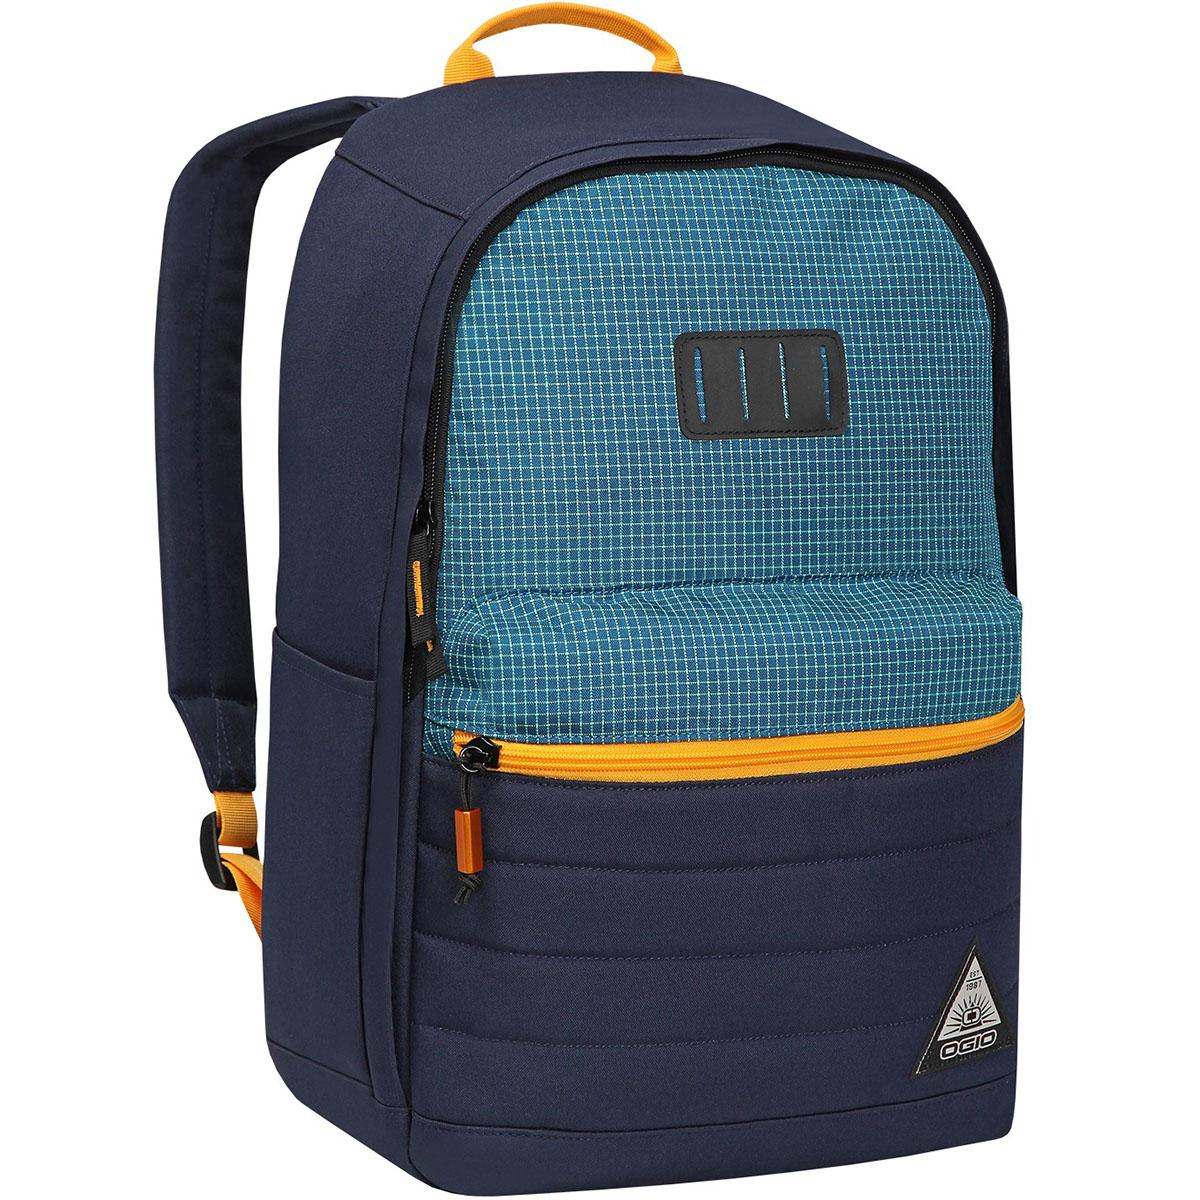 Рюкзак городской OGIO Urban. Lewis Pack (A/S), цвет: синий, желтый. 031652226951031652226951Компактный, но при этом достаточно вместительный рюкзак от Ogio. Имеется специализированный отсек для ноутбука а также уплотненный карман для ценных вещей на молнии. Внешний передний и боковой карманы на вертикальной молнии обеспечивают быстрый доступ к содержимому, позволяя всегда держать необходимые аксессуары и документы поблизости.